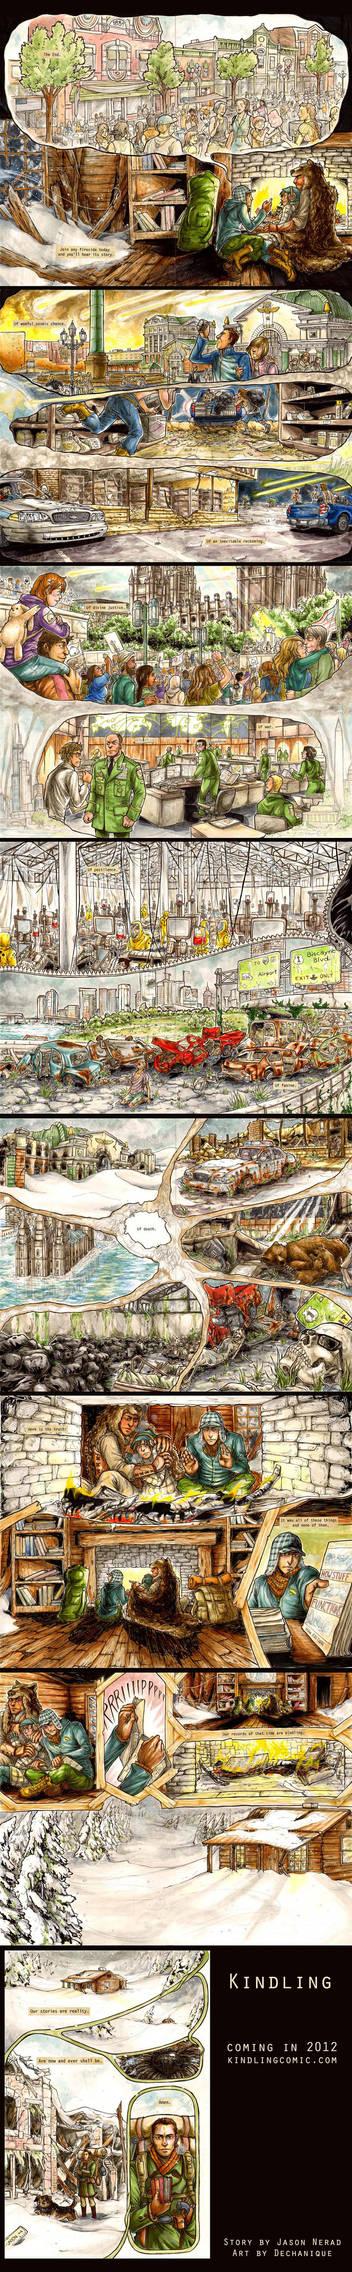 Kindling Prologue: Pages 1 - 15 by DeannaEchanique